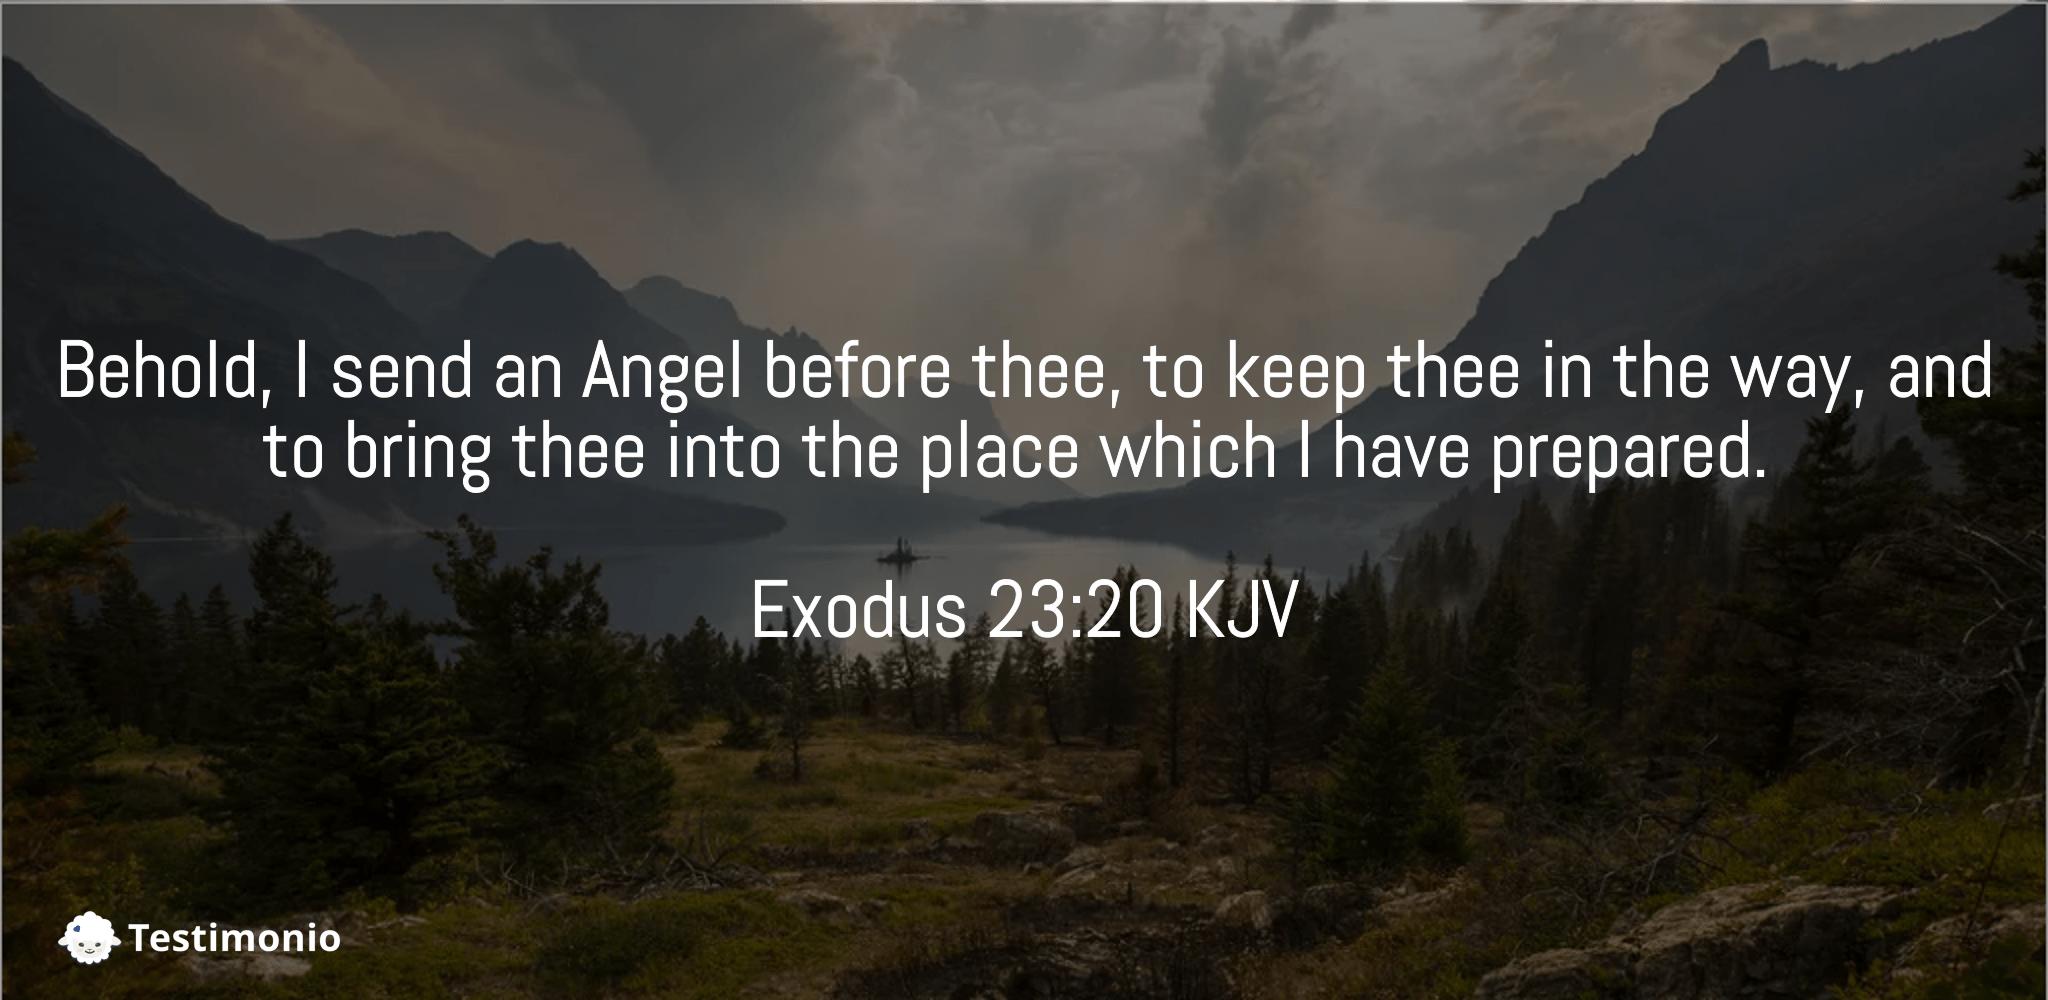 Exodus 23:20